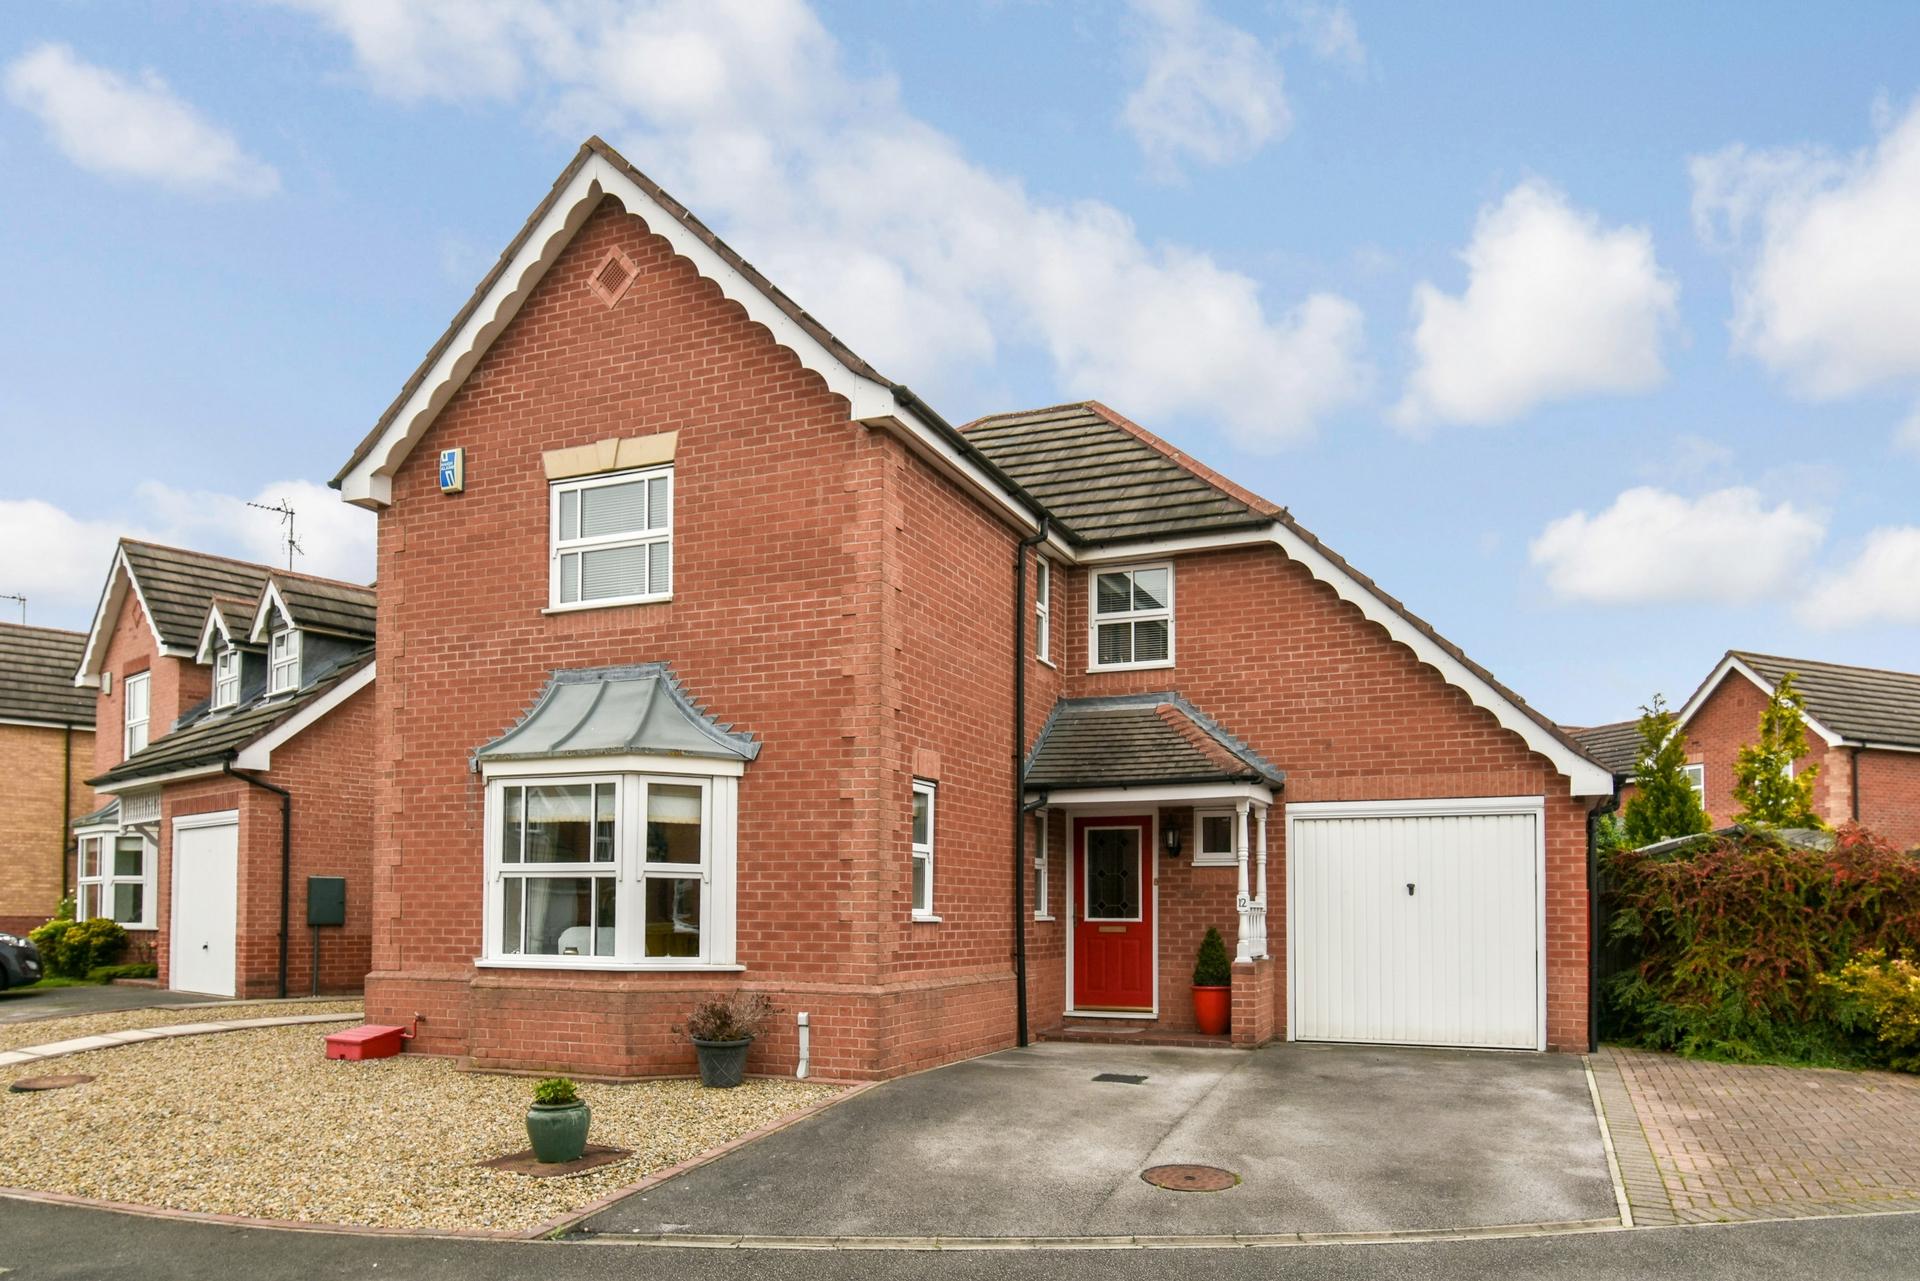 Property For Sale Indigo Greens Estate Agents Ltd Estate